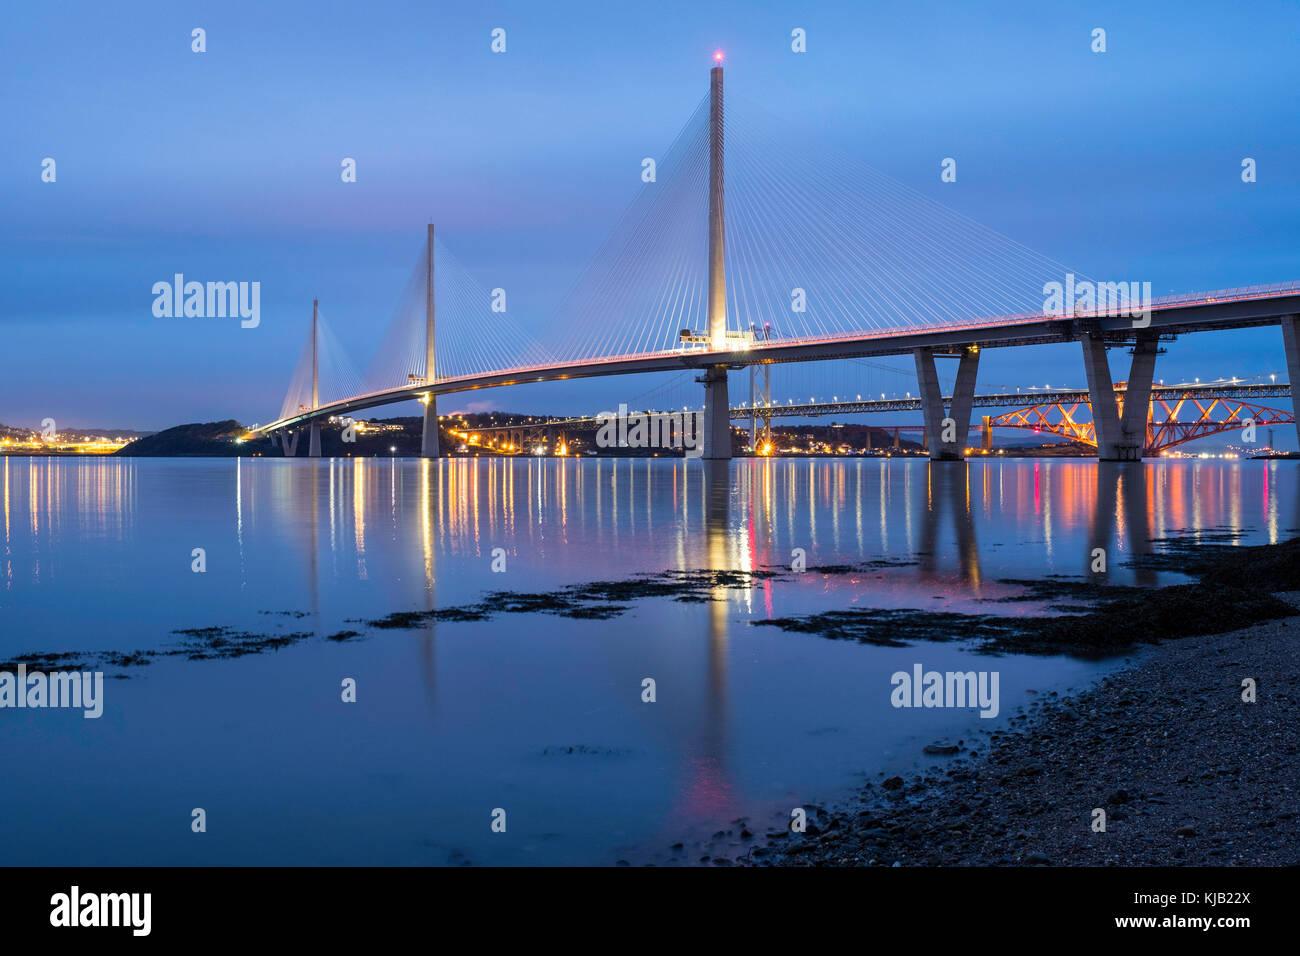 Vista de noche de nuevo queensferry cruzar puente que cruce el río Forth en Escocia, Reino Unido Imagen De Stock